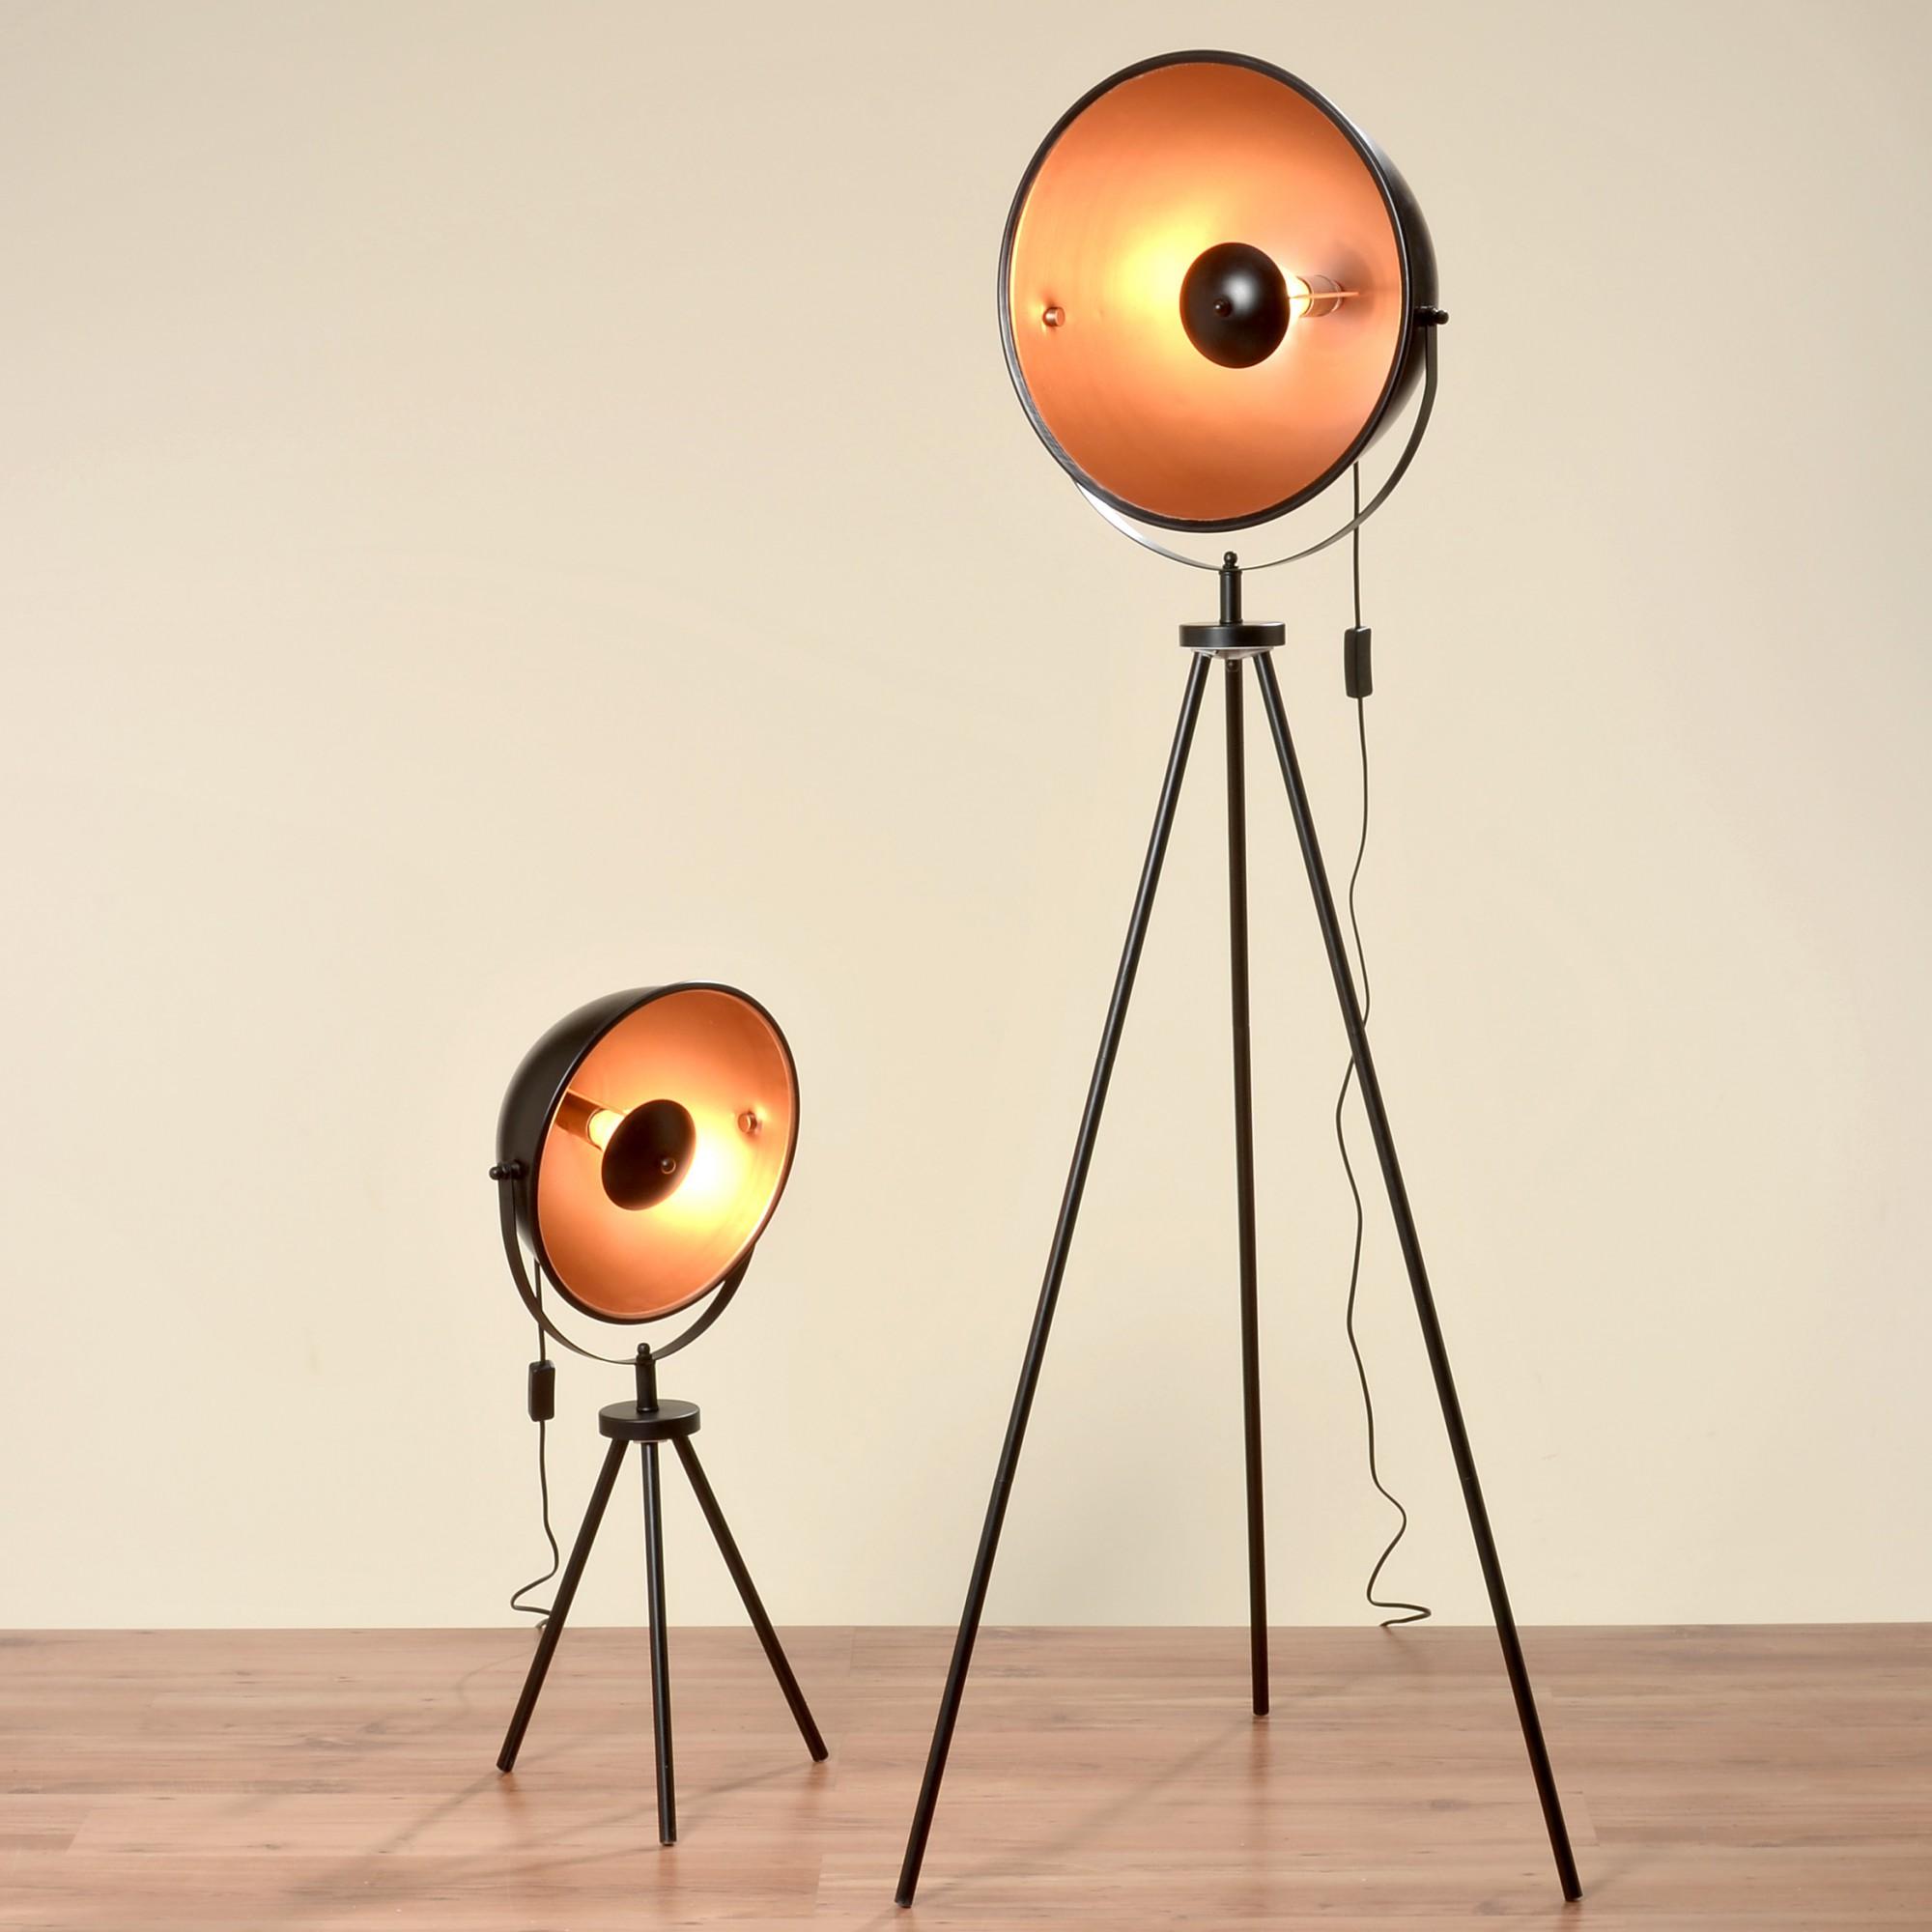 1206900-848xsfF0YU1HEkjx Faszinierend Stehlampe Studio Schwarz Gold Dekorationen